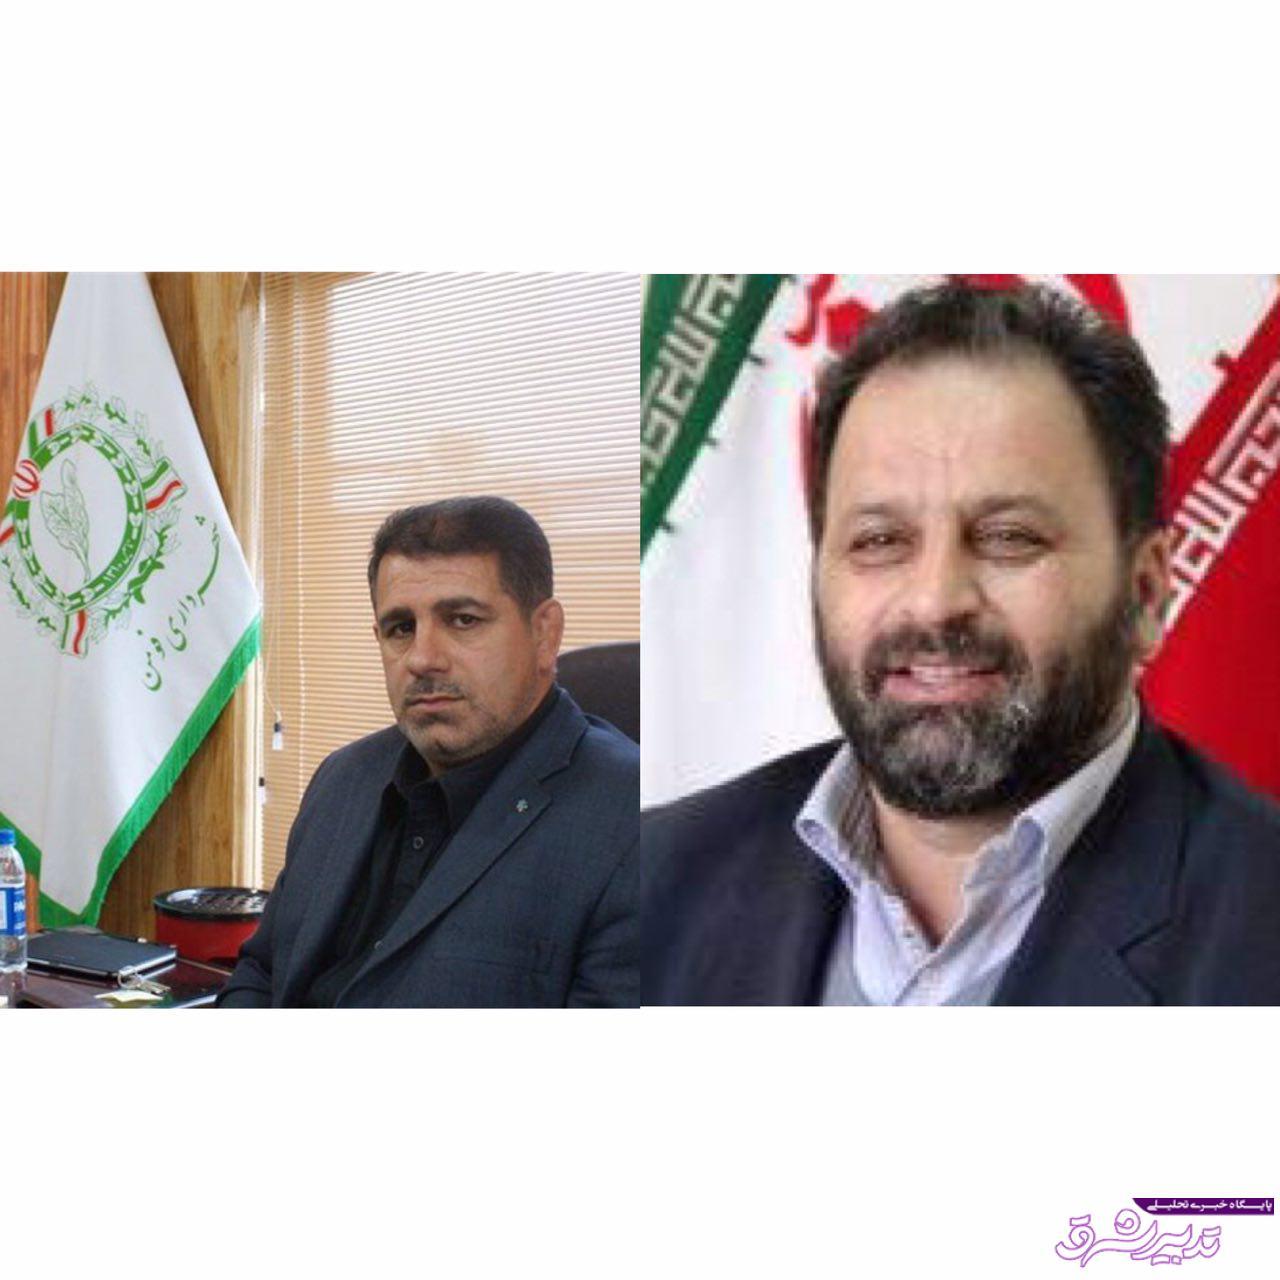 دکتر سالاری با یاران تازه نفس در مدیریت ستادی استانداری گیلان